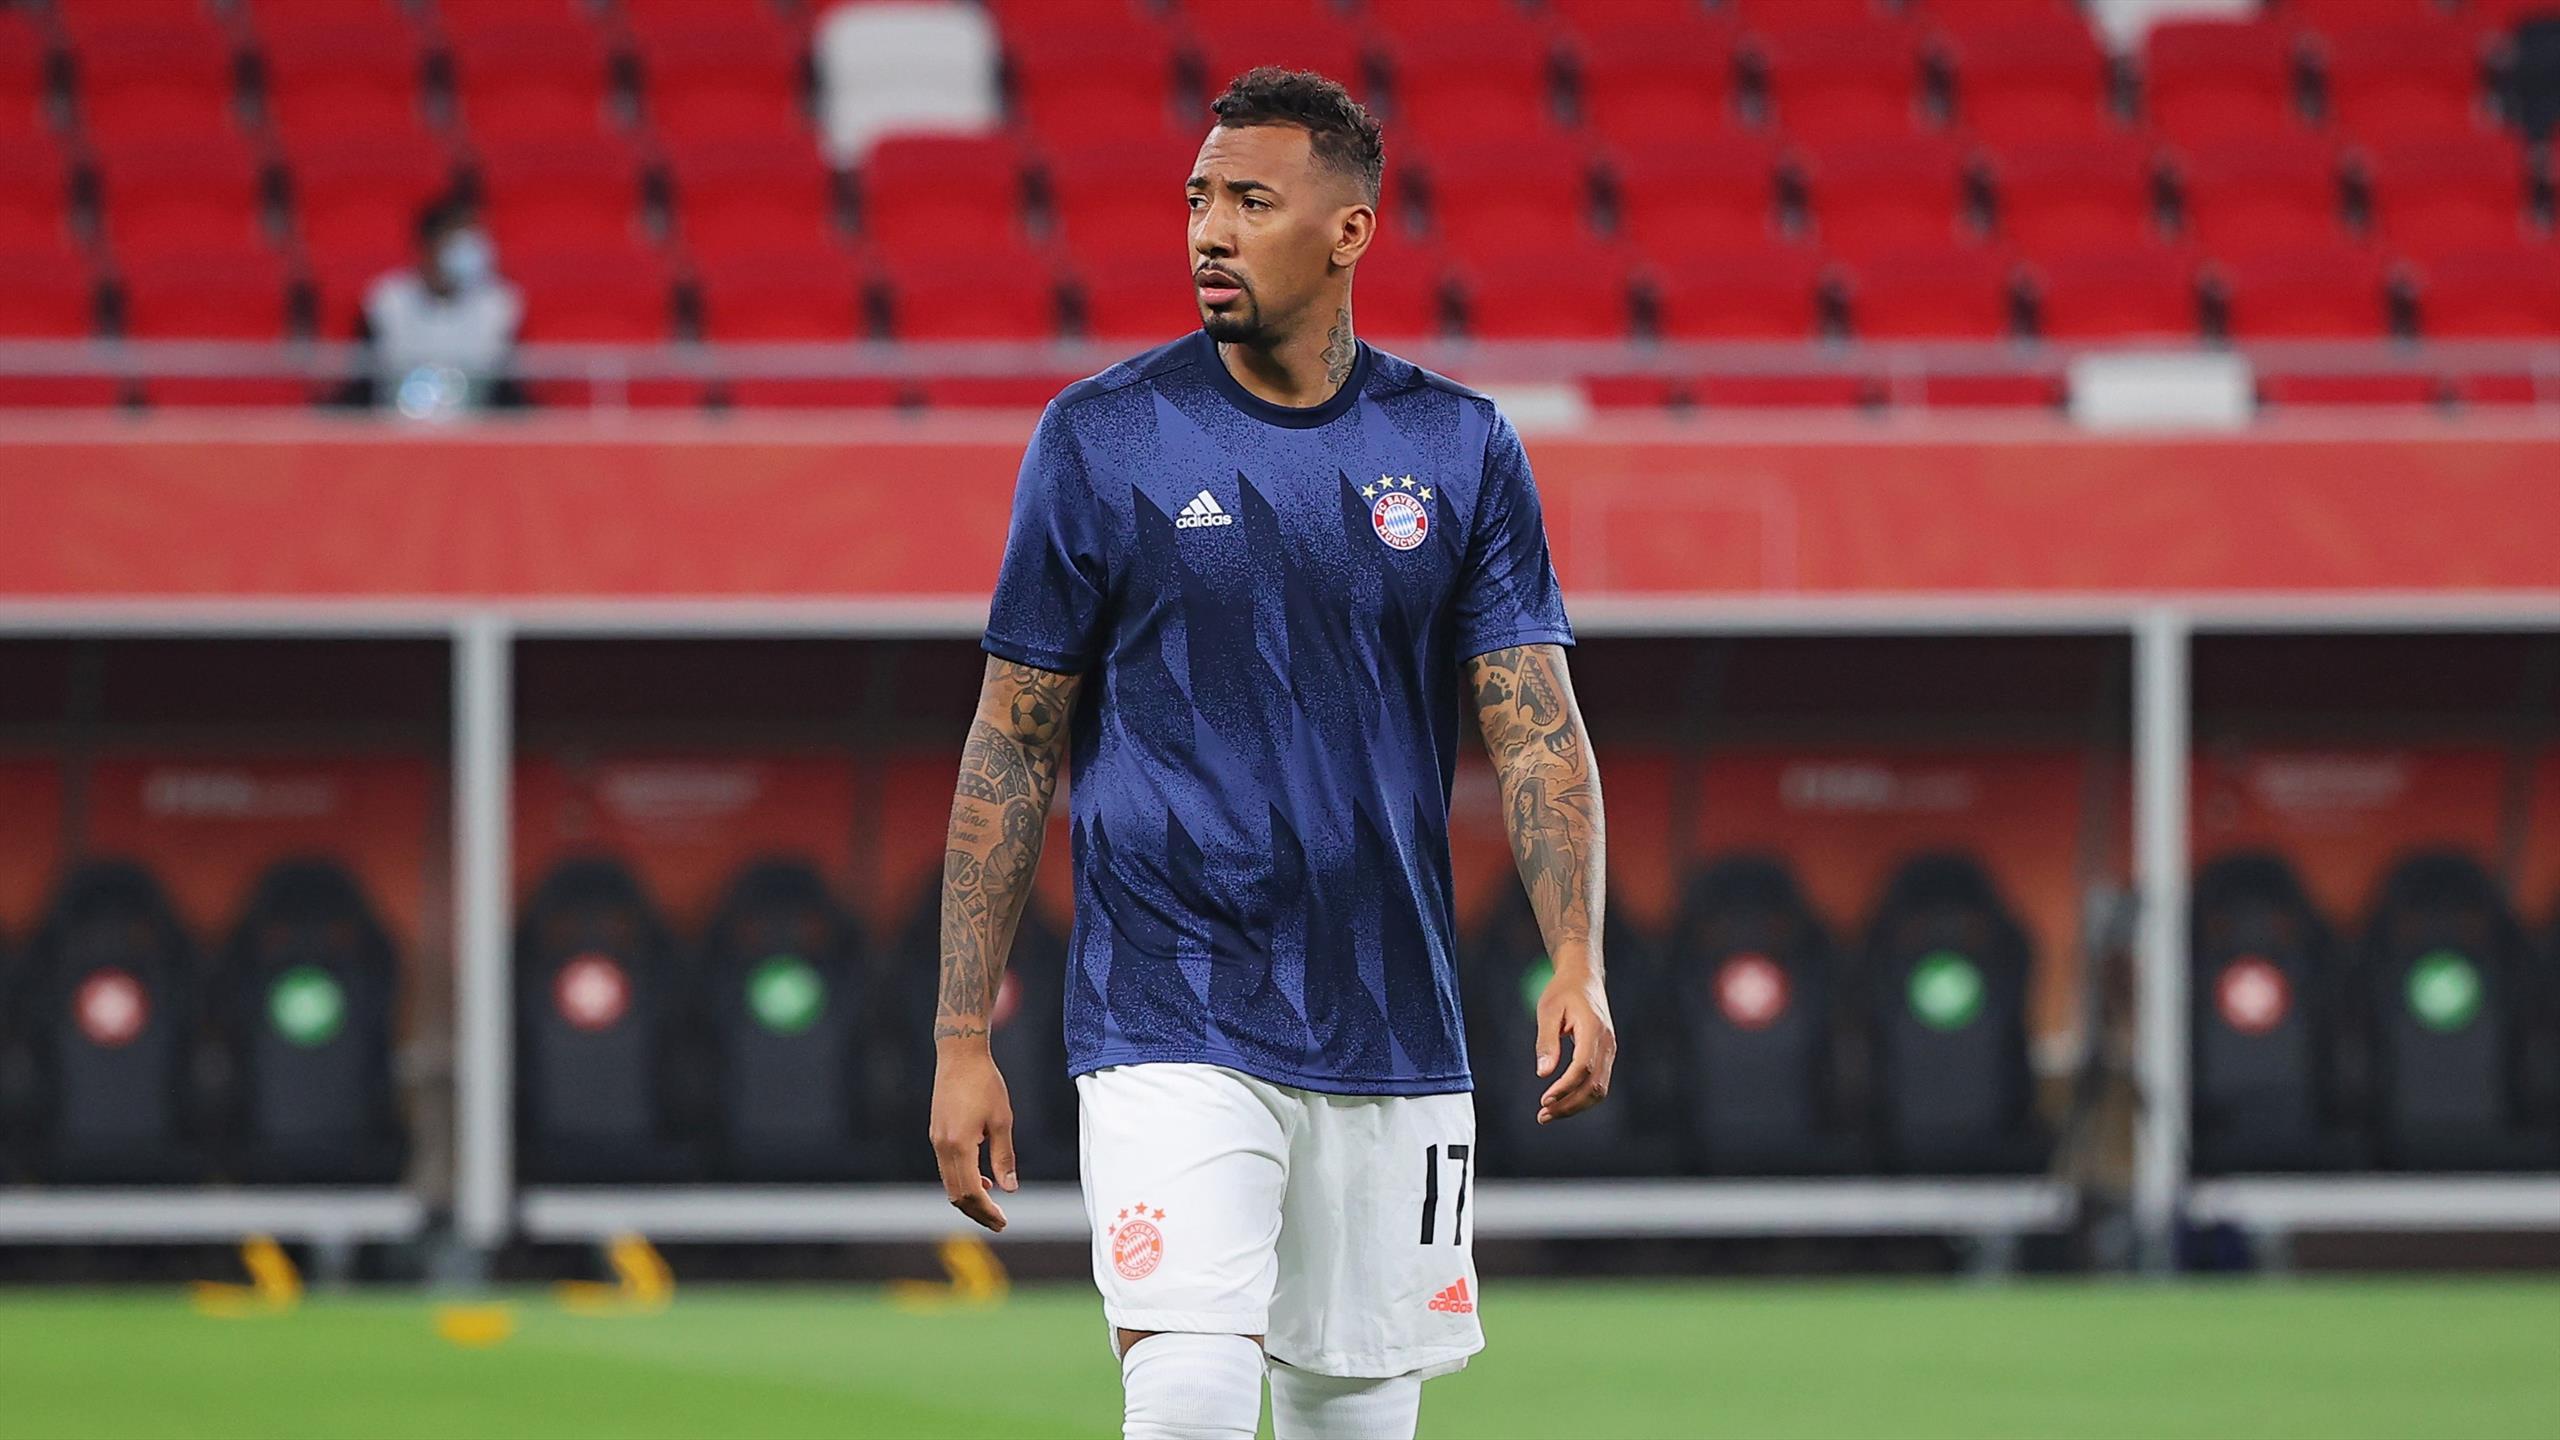 Jérôme Boateng: Star des FC Bayern München reist nach Todesnachricht aus Katar von Klub-WM ab - Eurosport DE